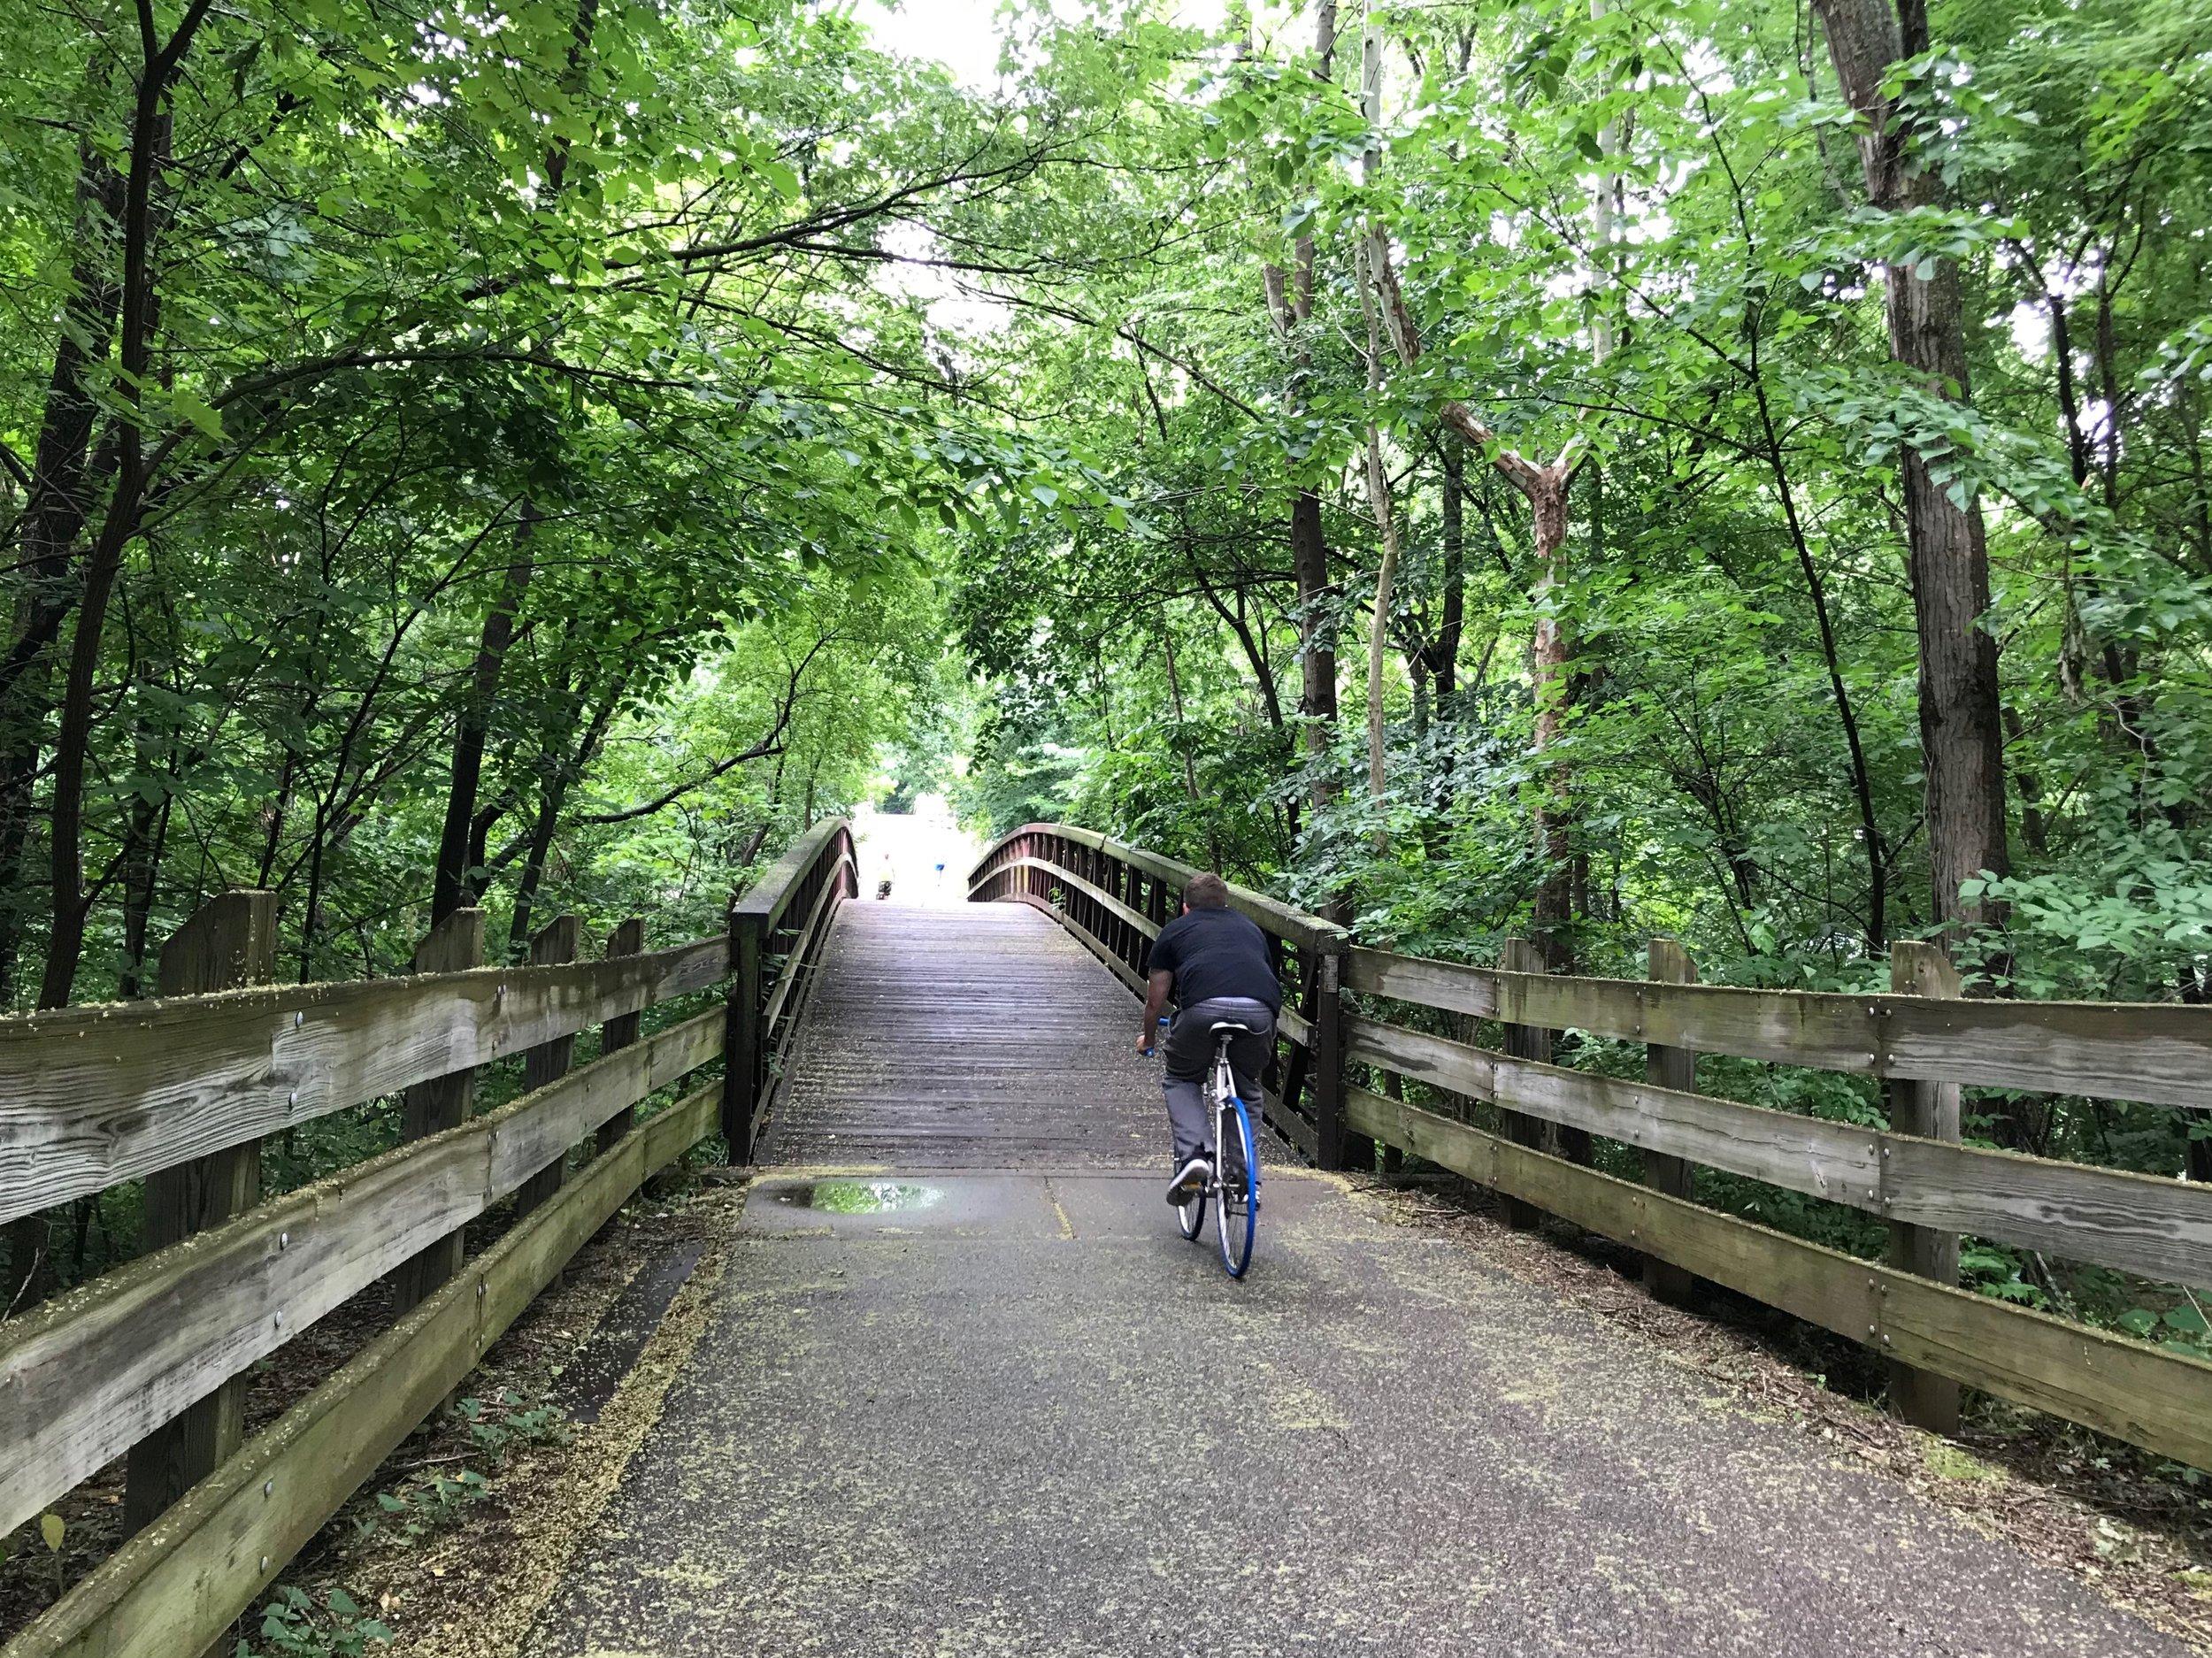 7_Wooden bridge.jpg